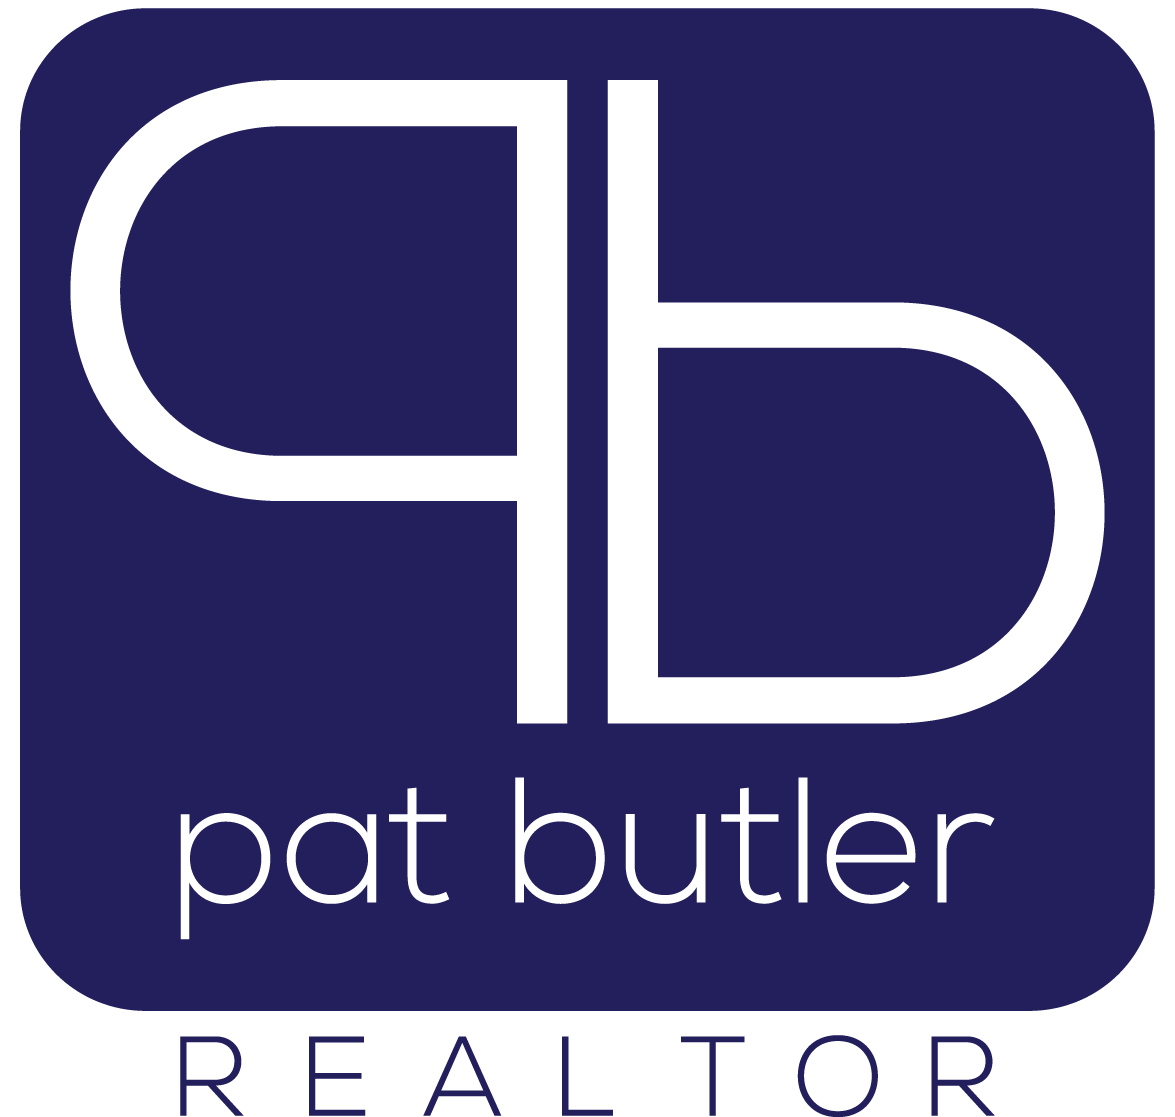 Pat Butler Realtor